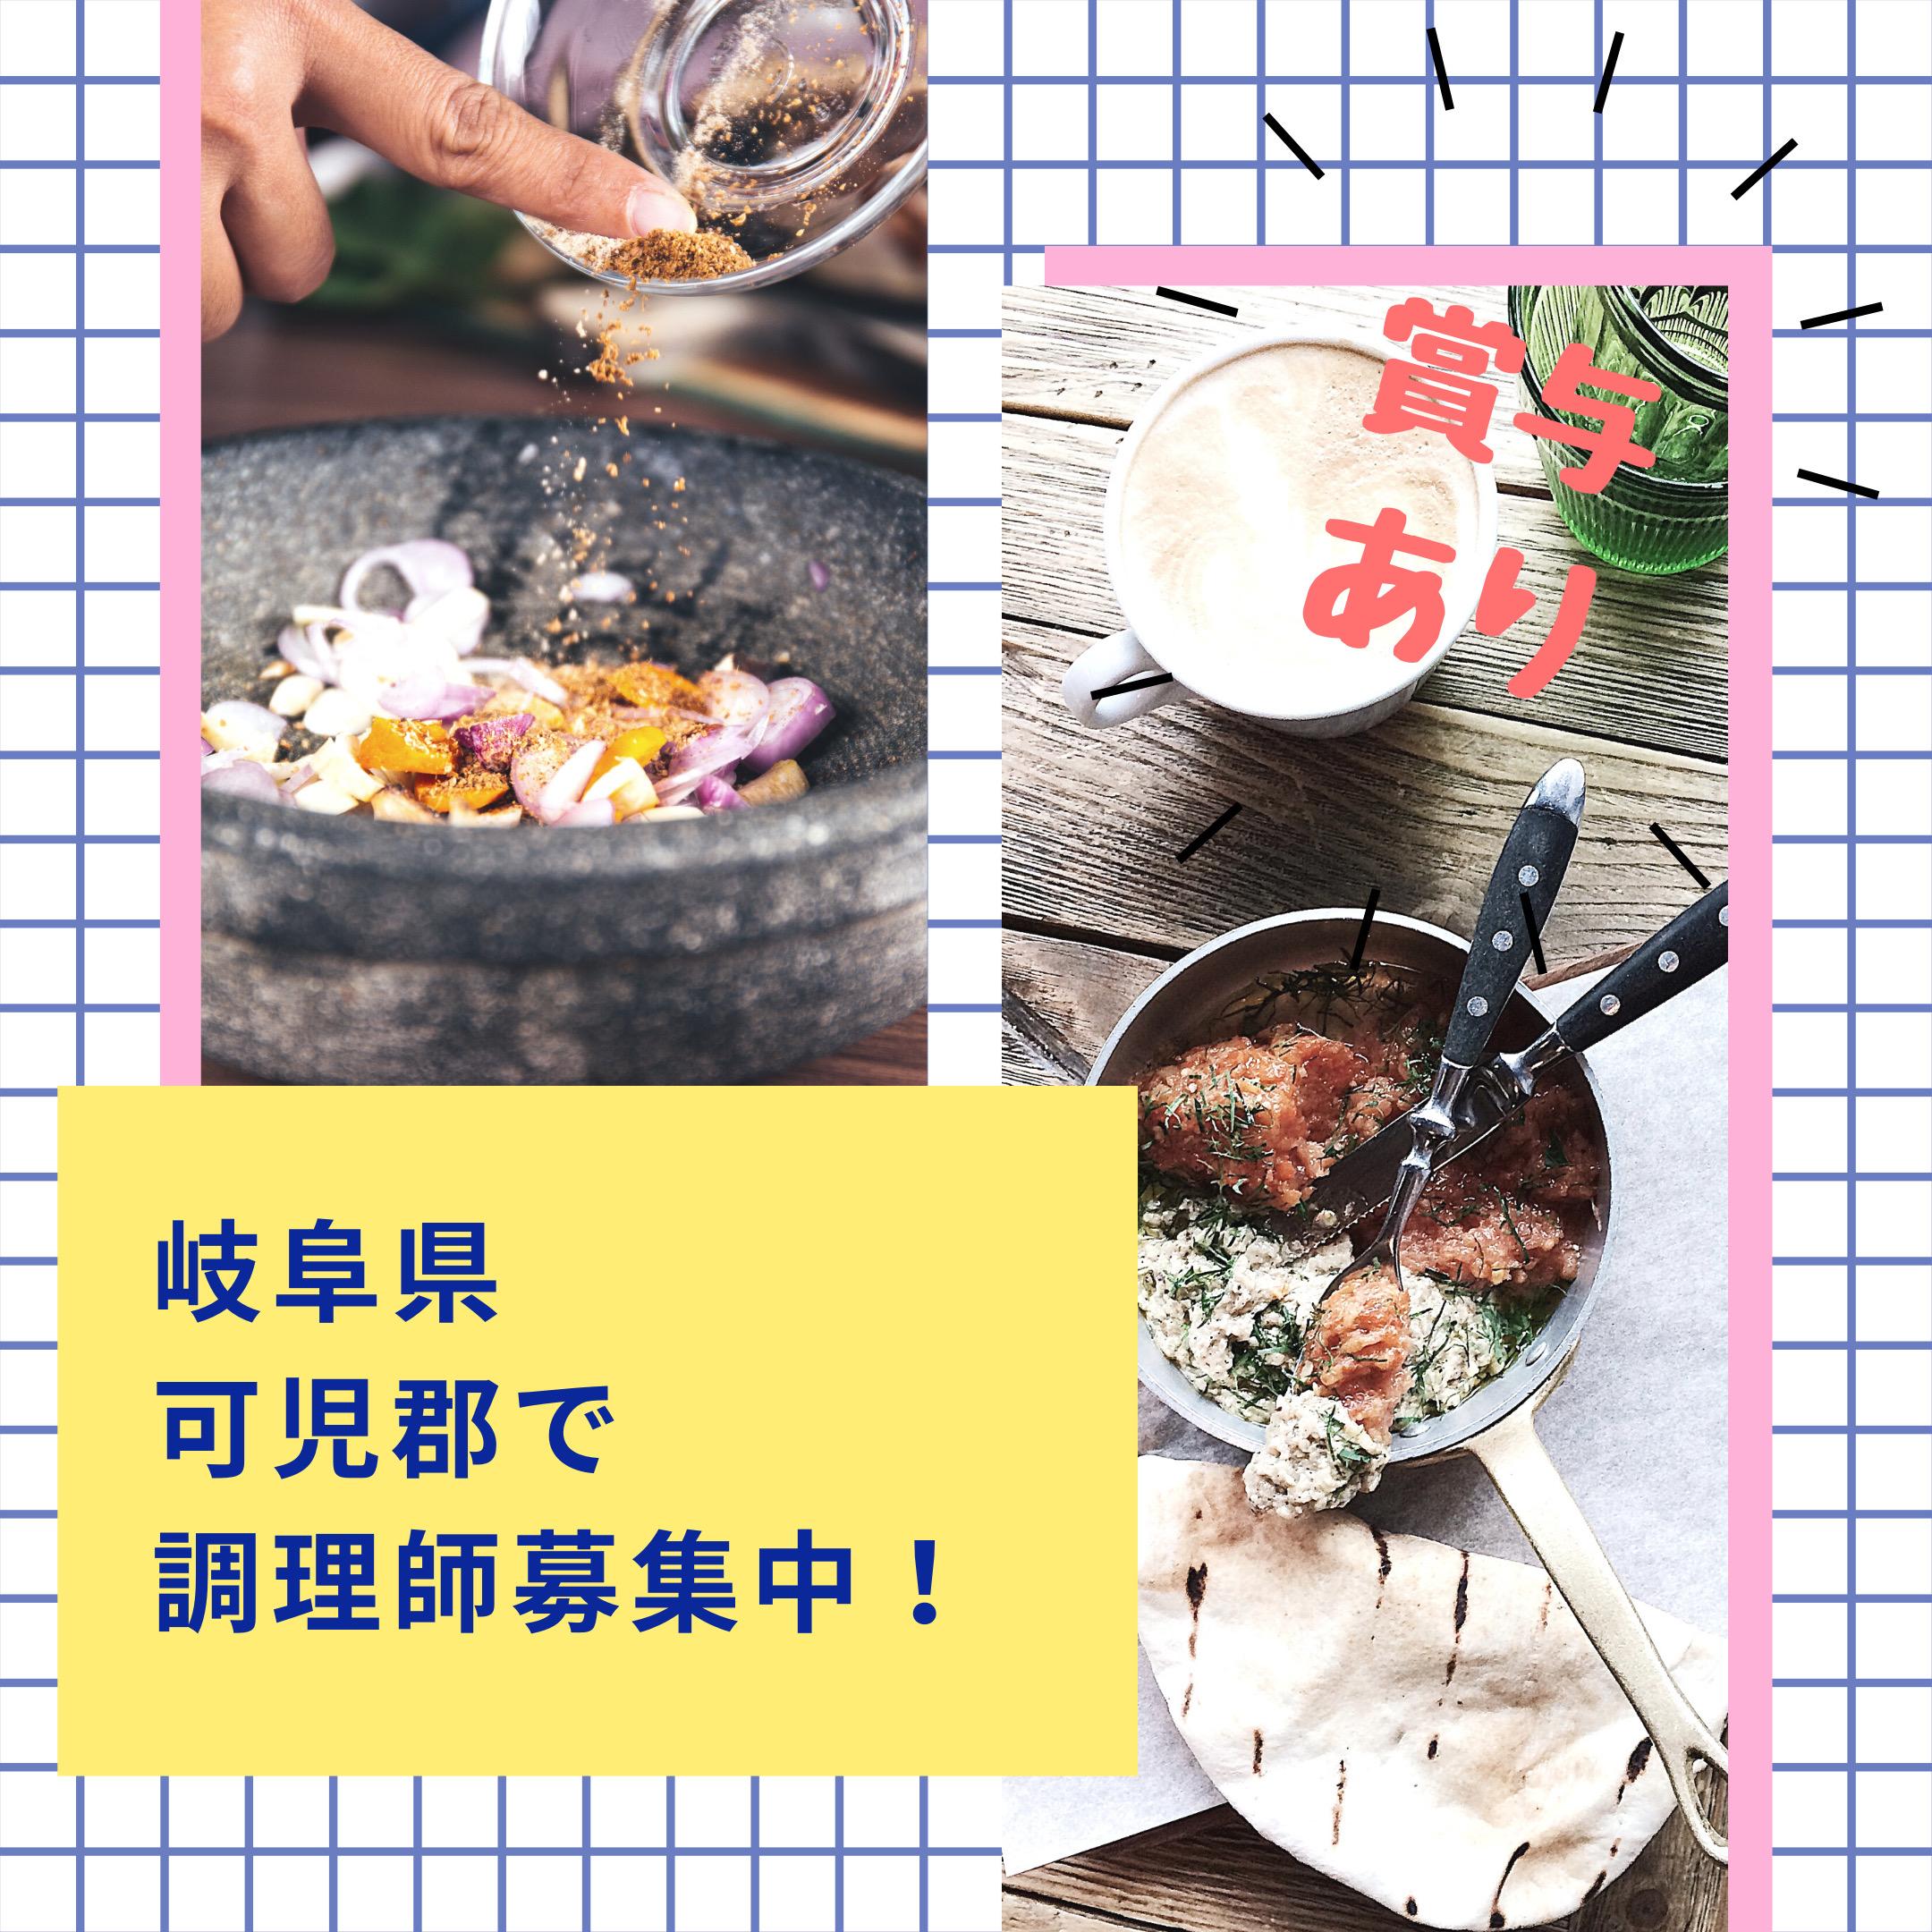 「月給26万円の調理師」岐阜県可児郡で働きませんか?中部トップクラスシェア! イメージ